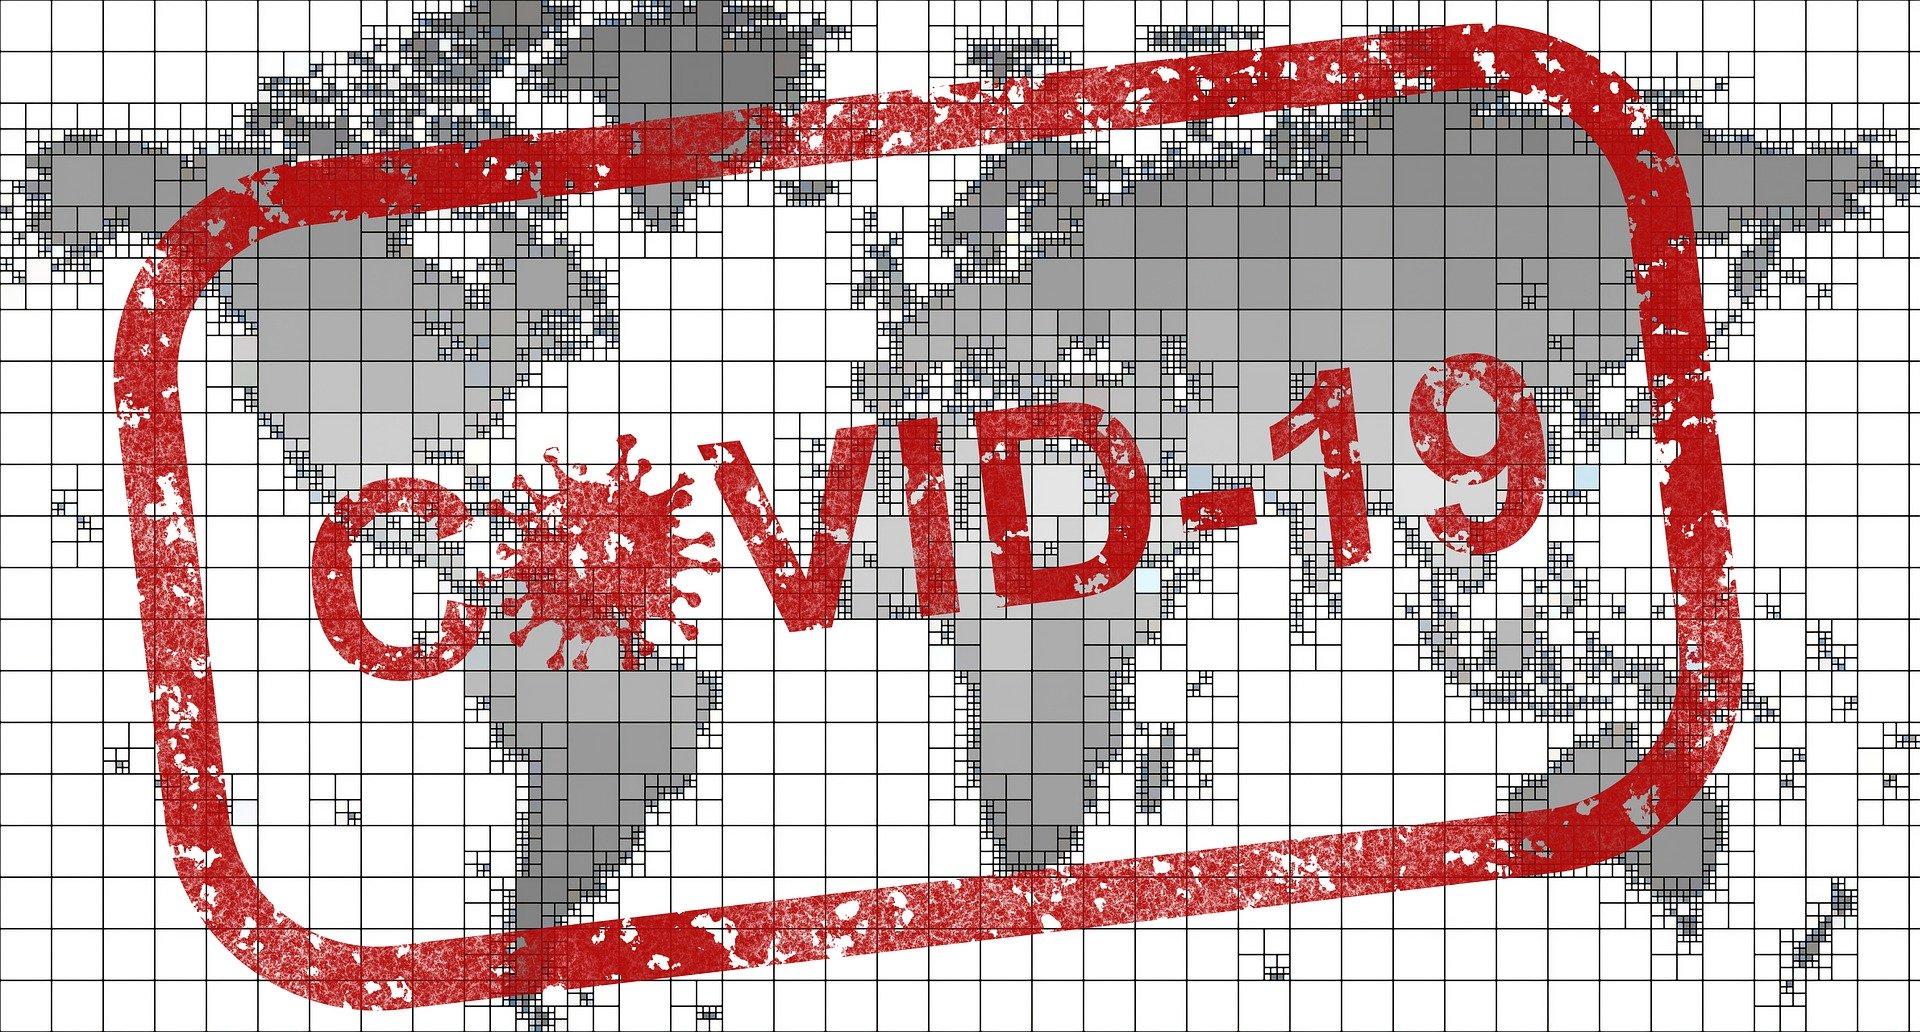 Modifiche ai servizi del Consolato generale d'Italia a Mosca a causa del coronavirus